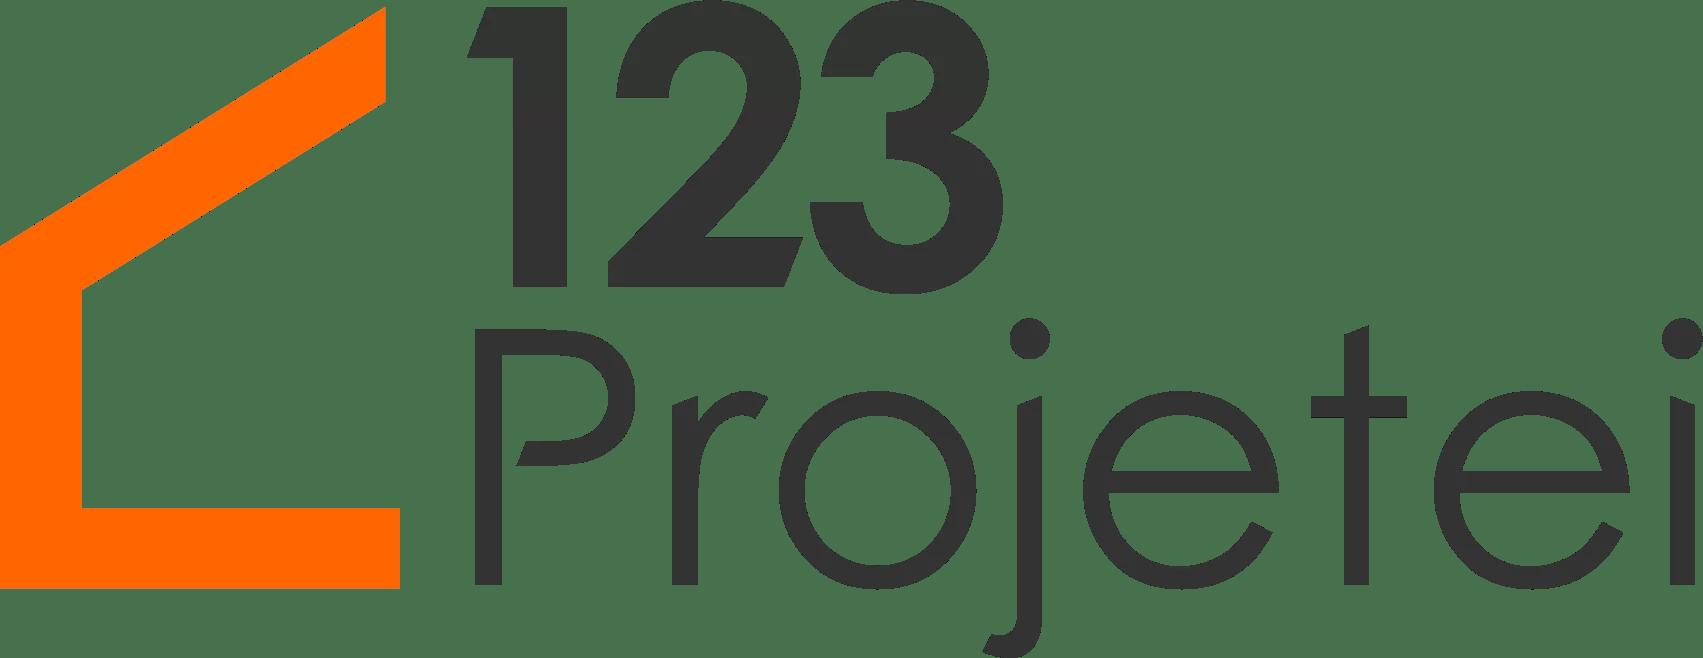 Conteúdos de Valor 123Projetei